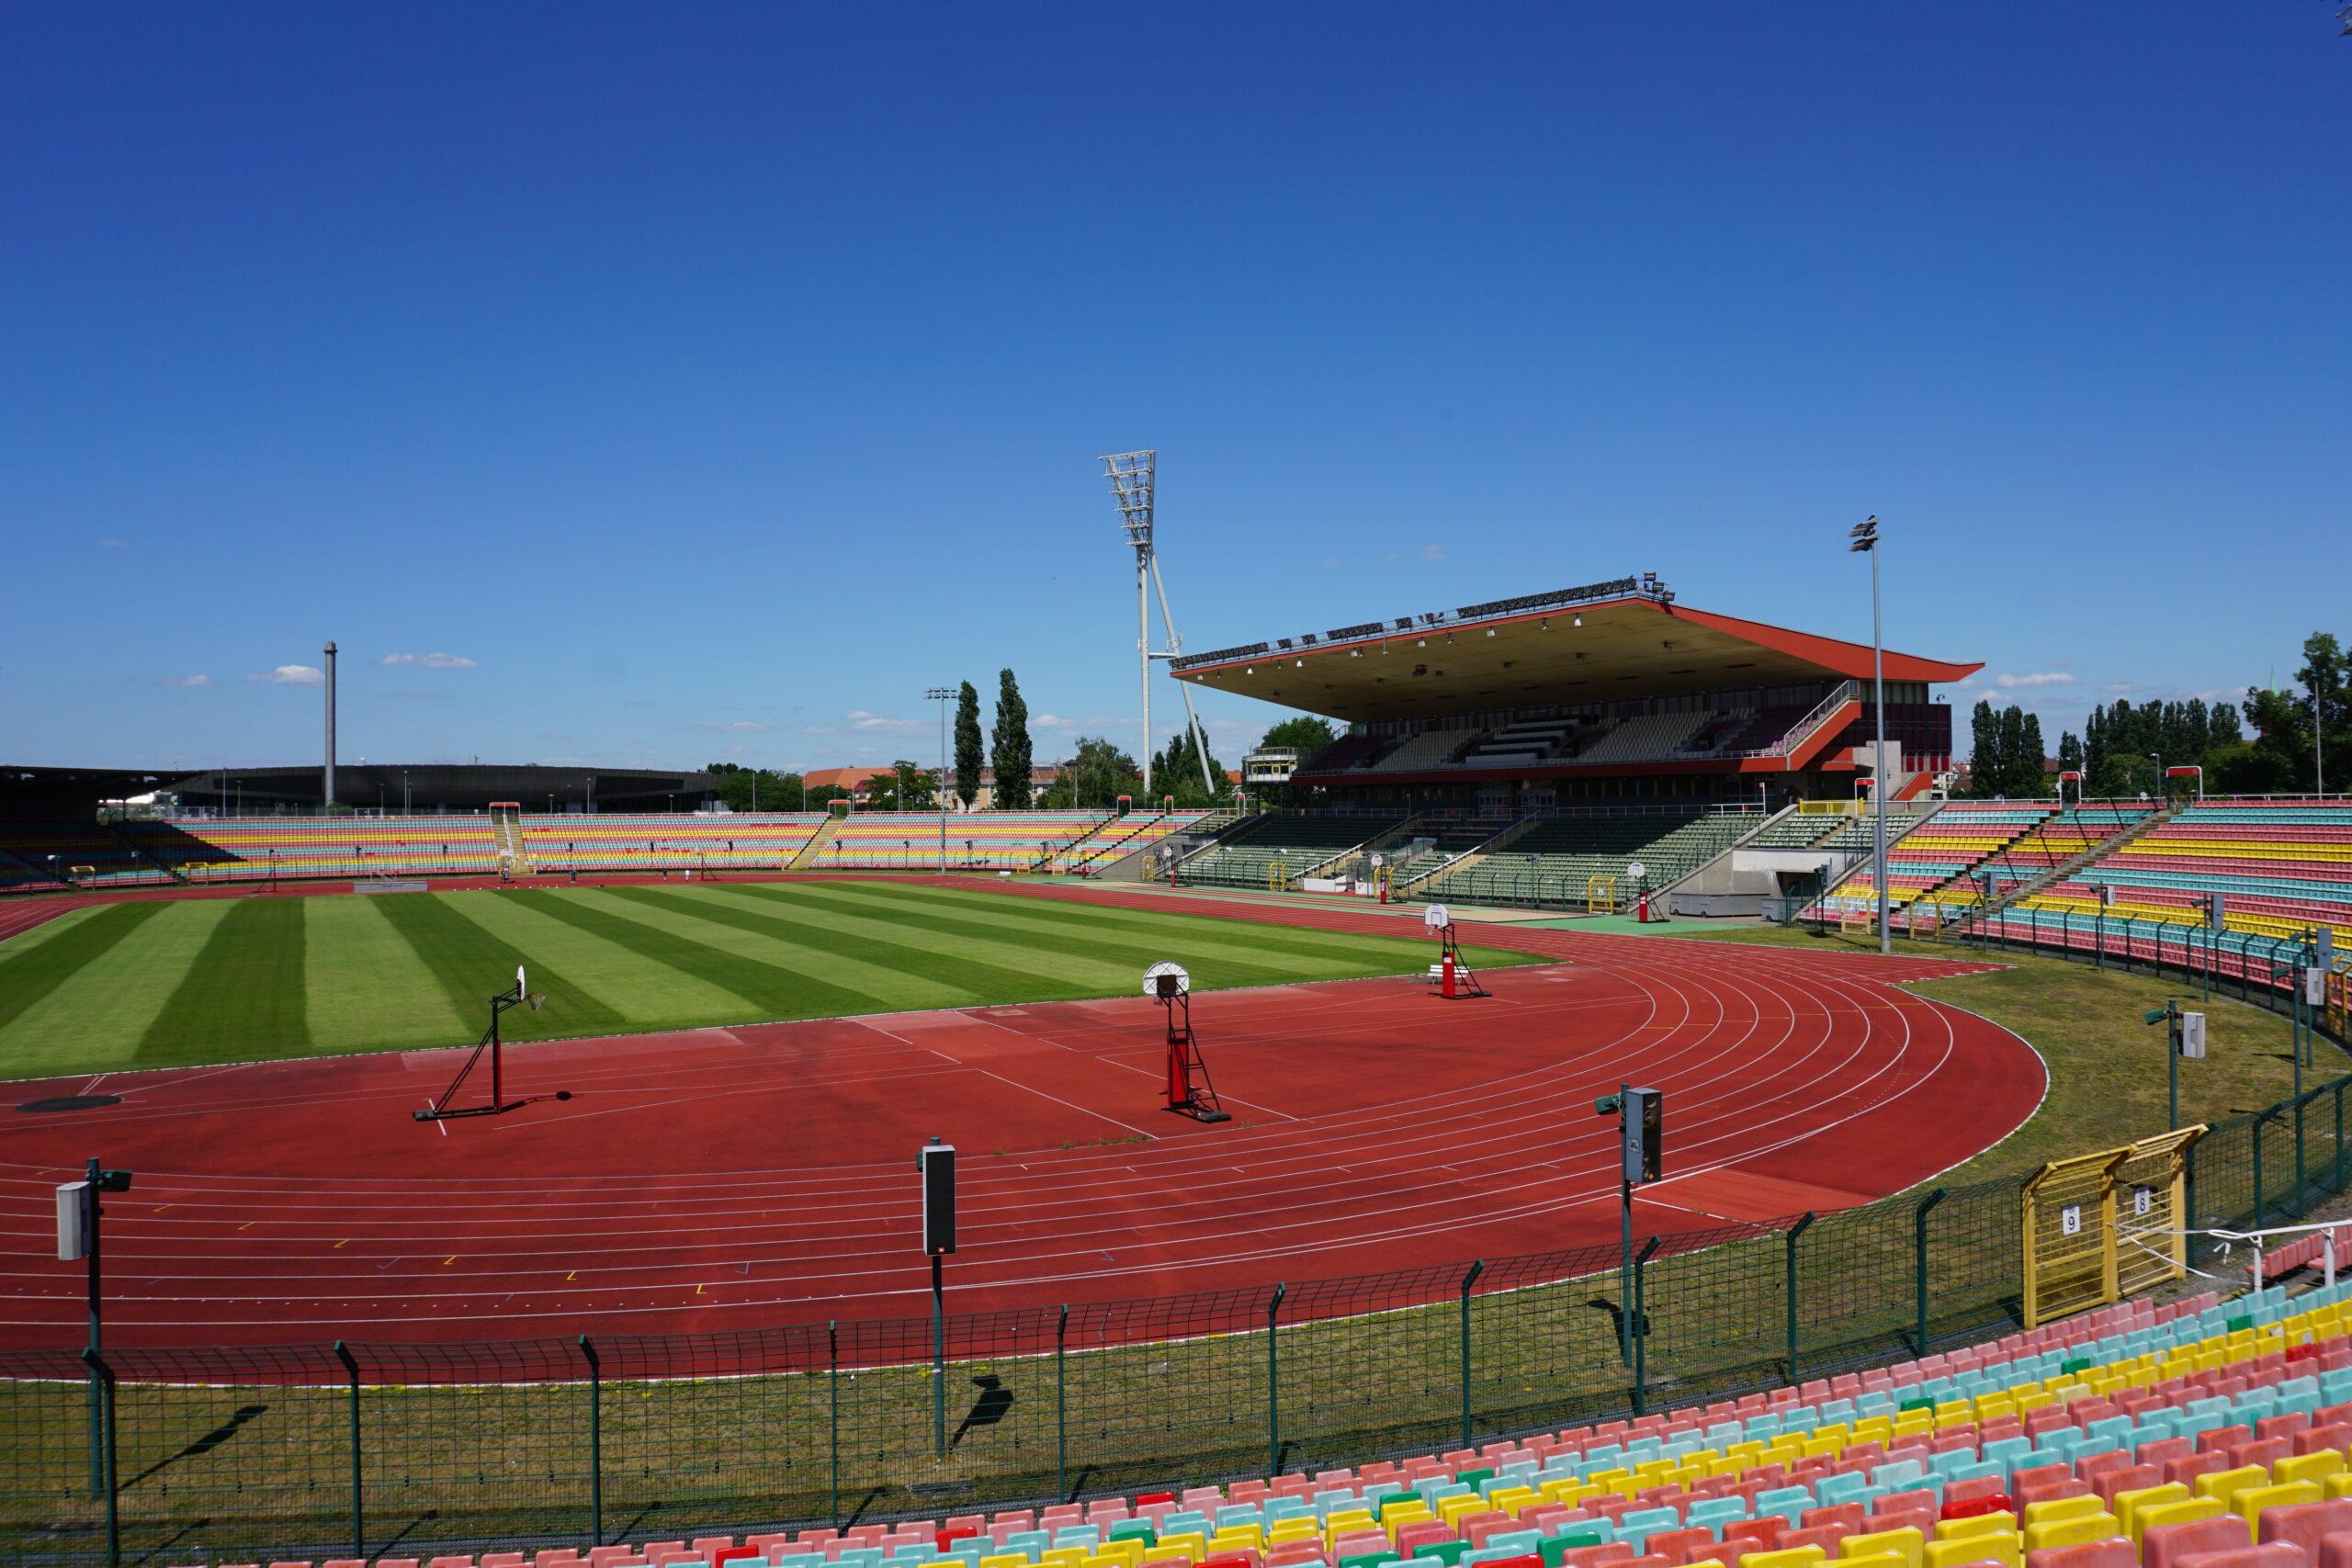 Foto zeigt die Innenansicht des Stadions im Jahnsportpark Berlin. Es ist ein Lauffeld, der großer Rasen und die Tribüne abgebildet.